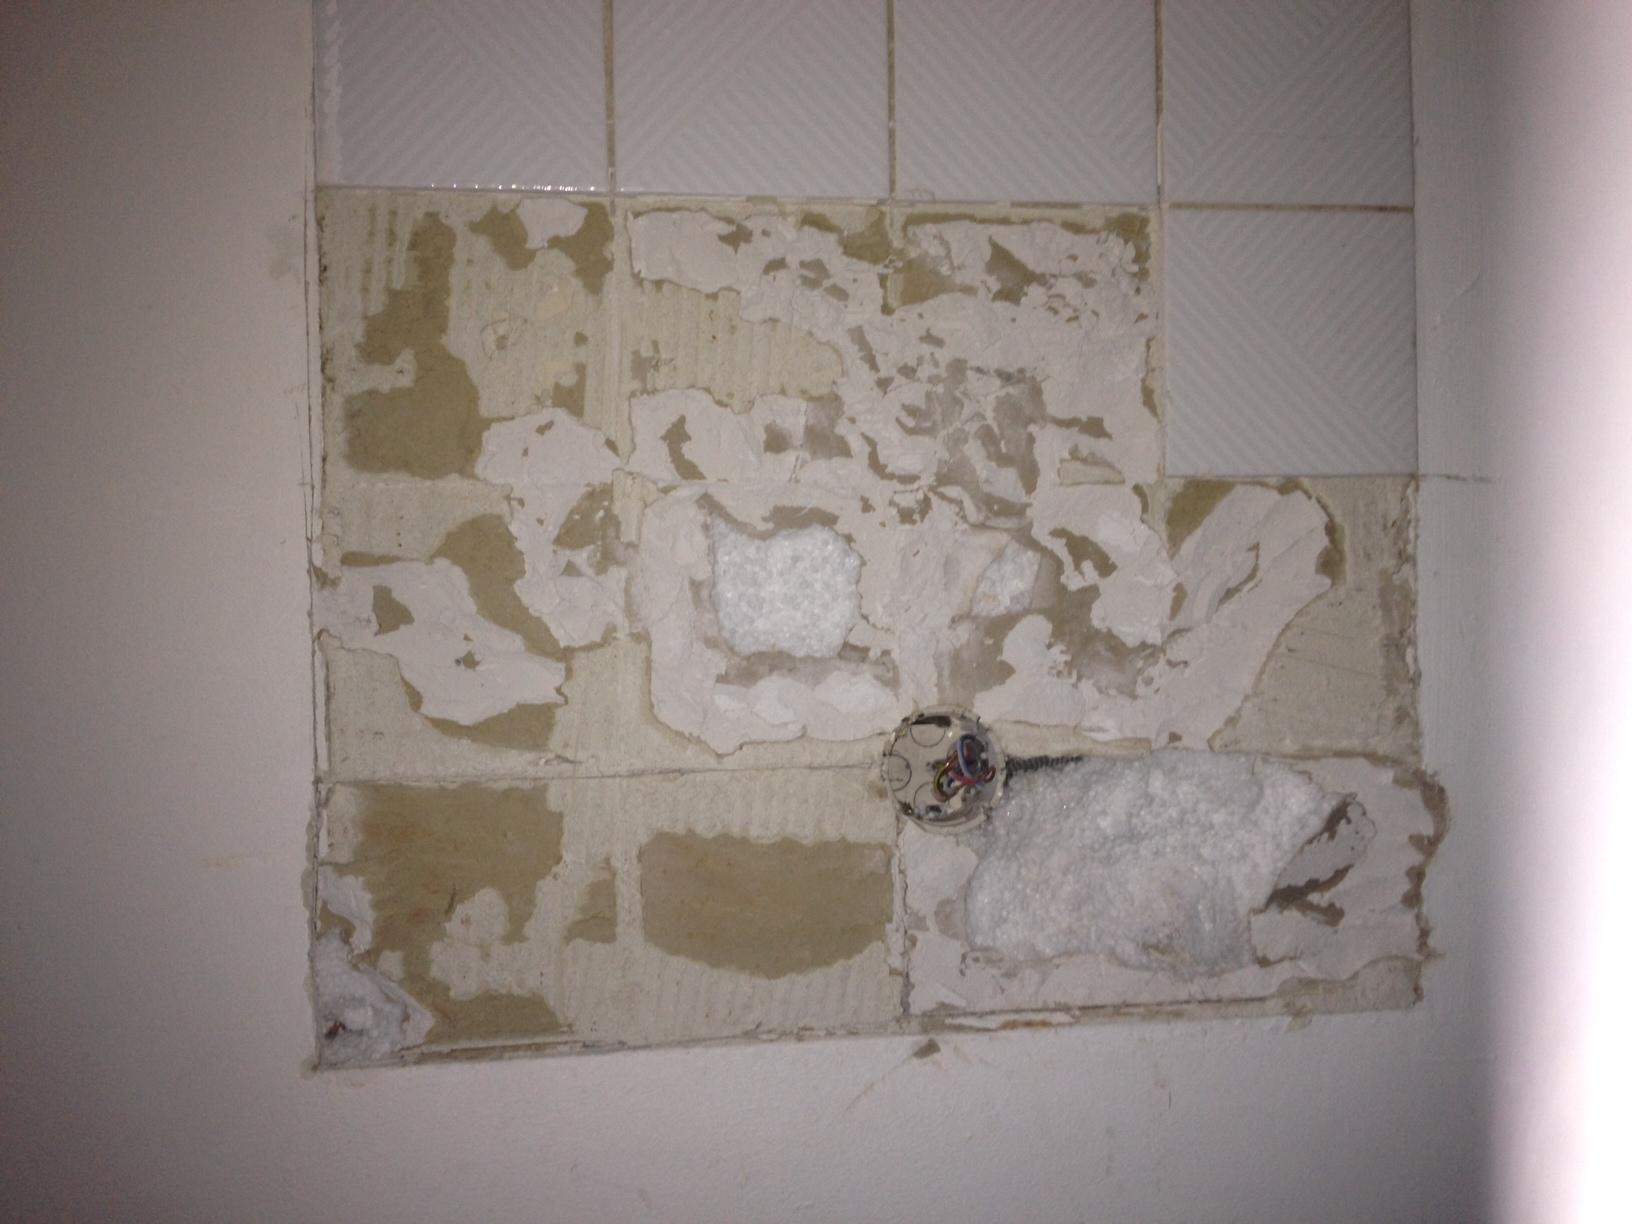 Comment Enlever Faience Sur Placo plaque de platre avec polystyrène endommagées - communauté